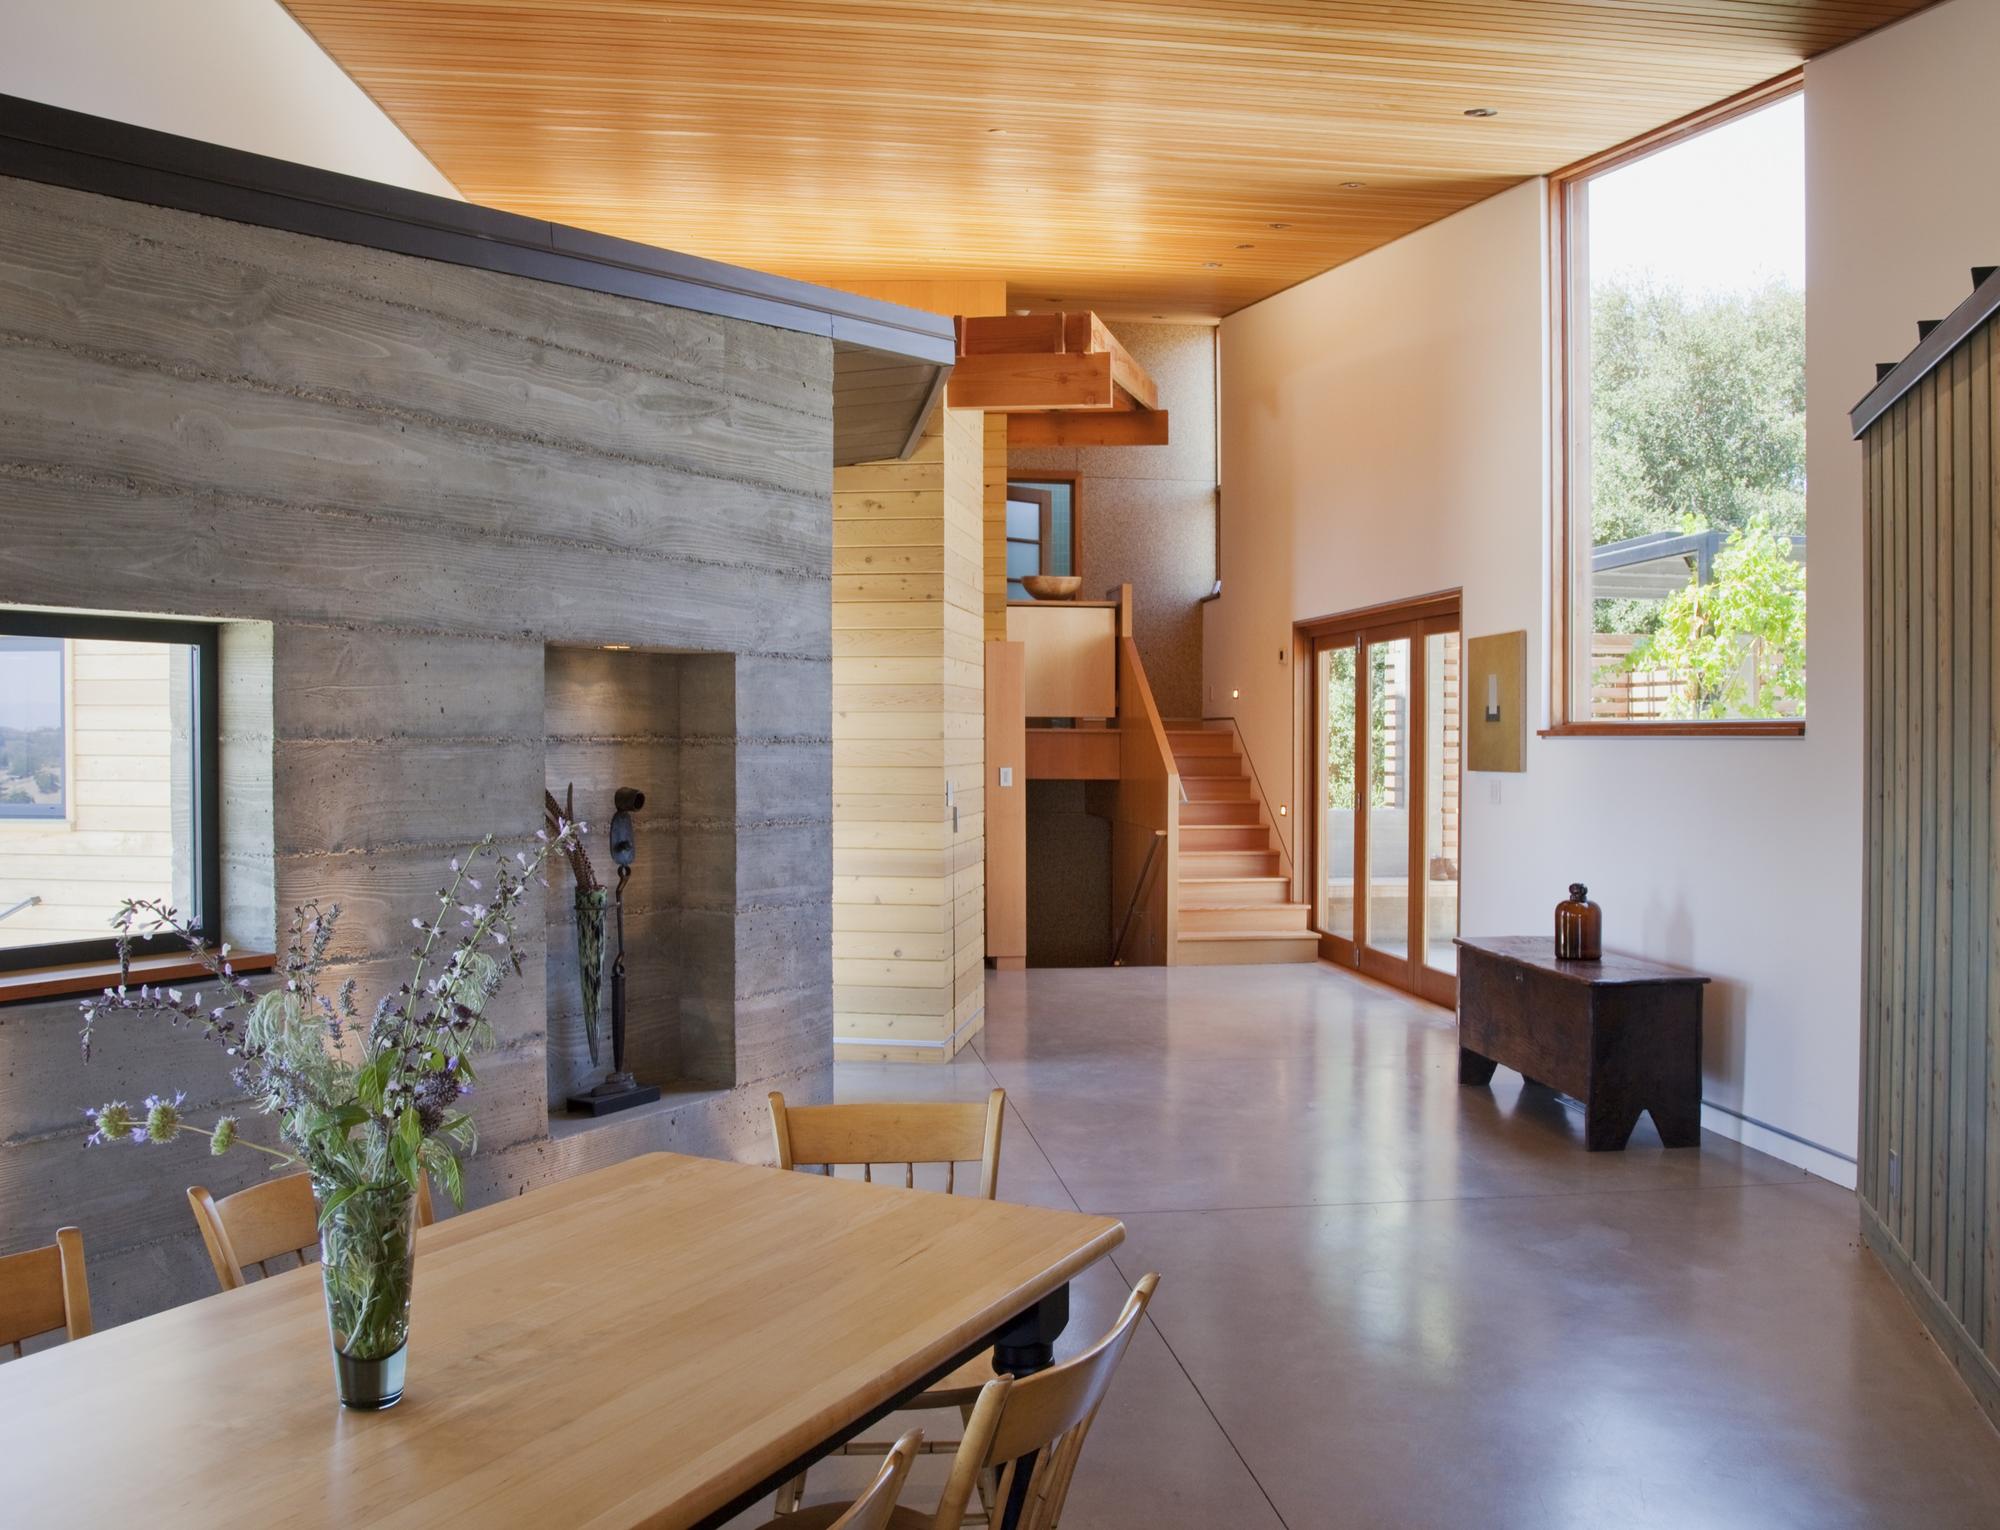 Captivating Gallery Of Santa Ynez House / Fernau + Hartman Architects   18. Energy  Efficient ... Amazing Design